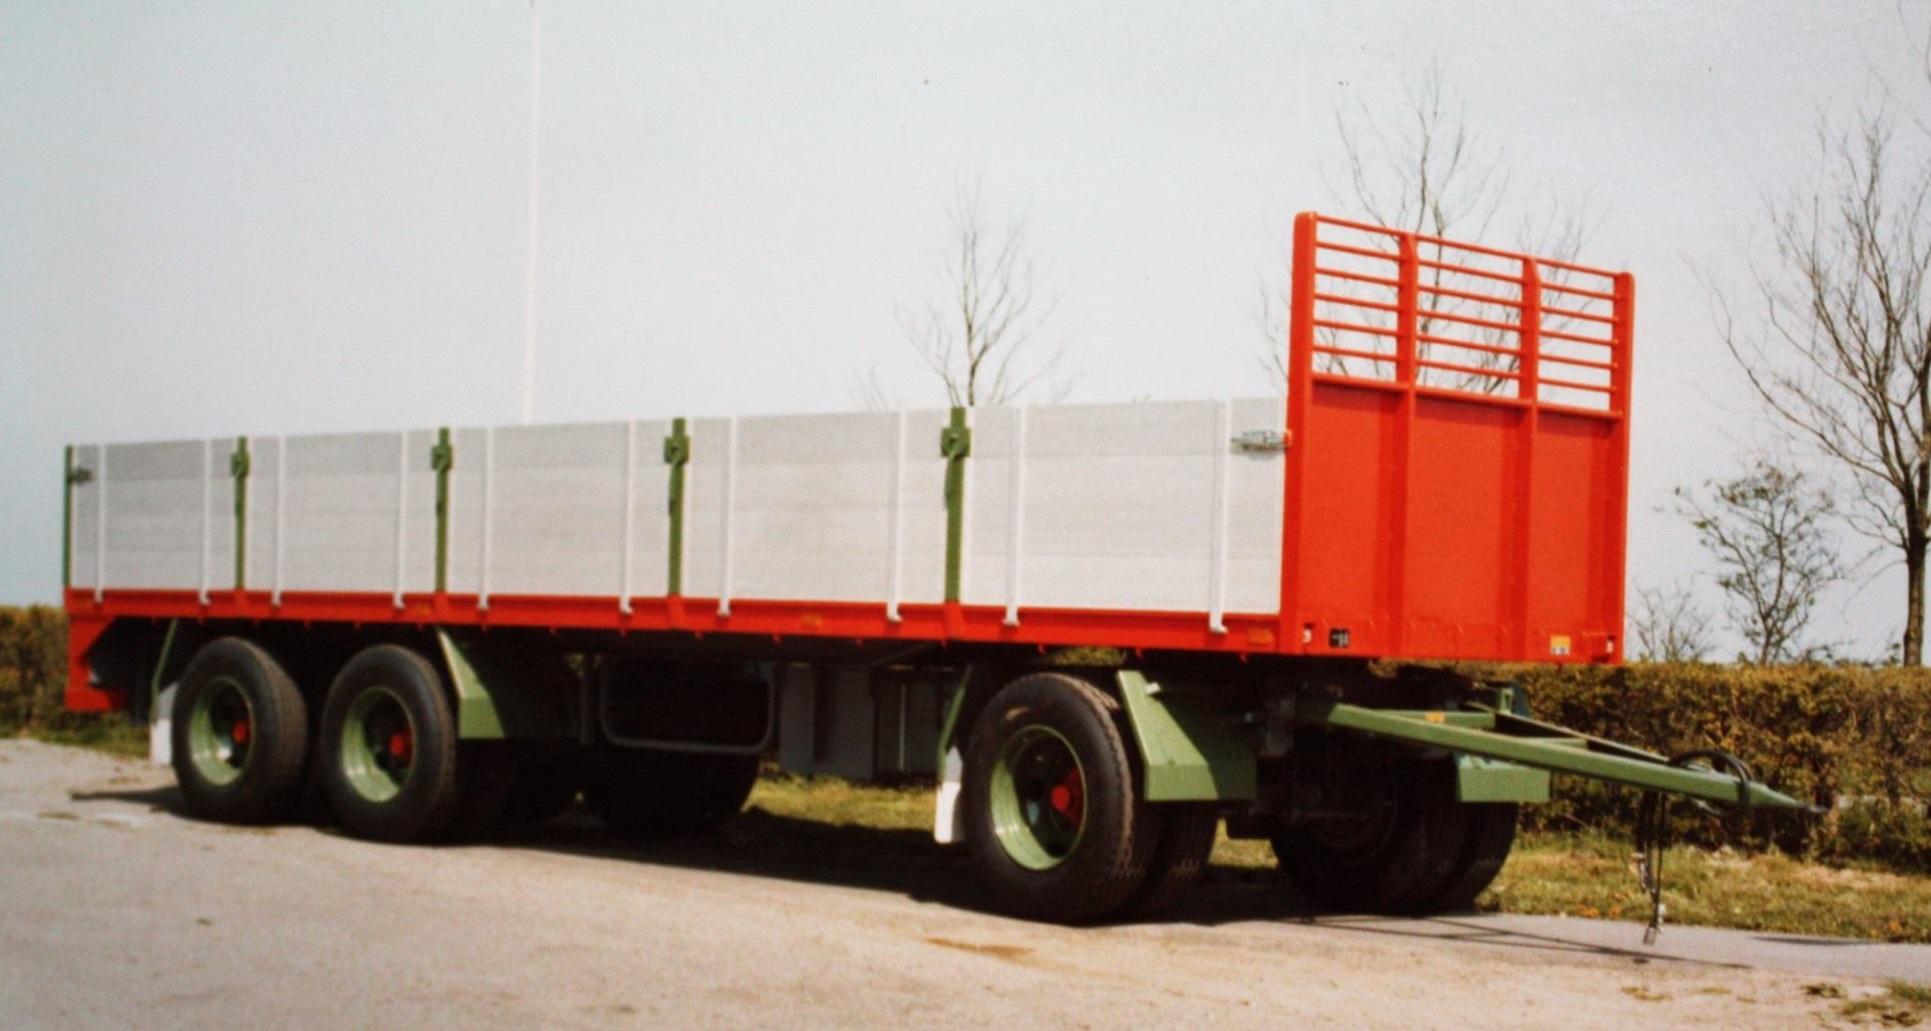 aanhanger-van-Johan-van-der-Pol-Herbayum-2